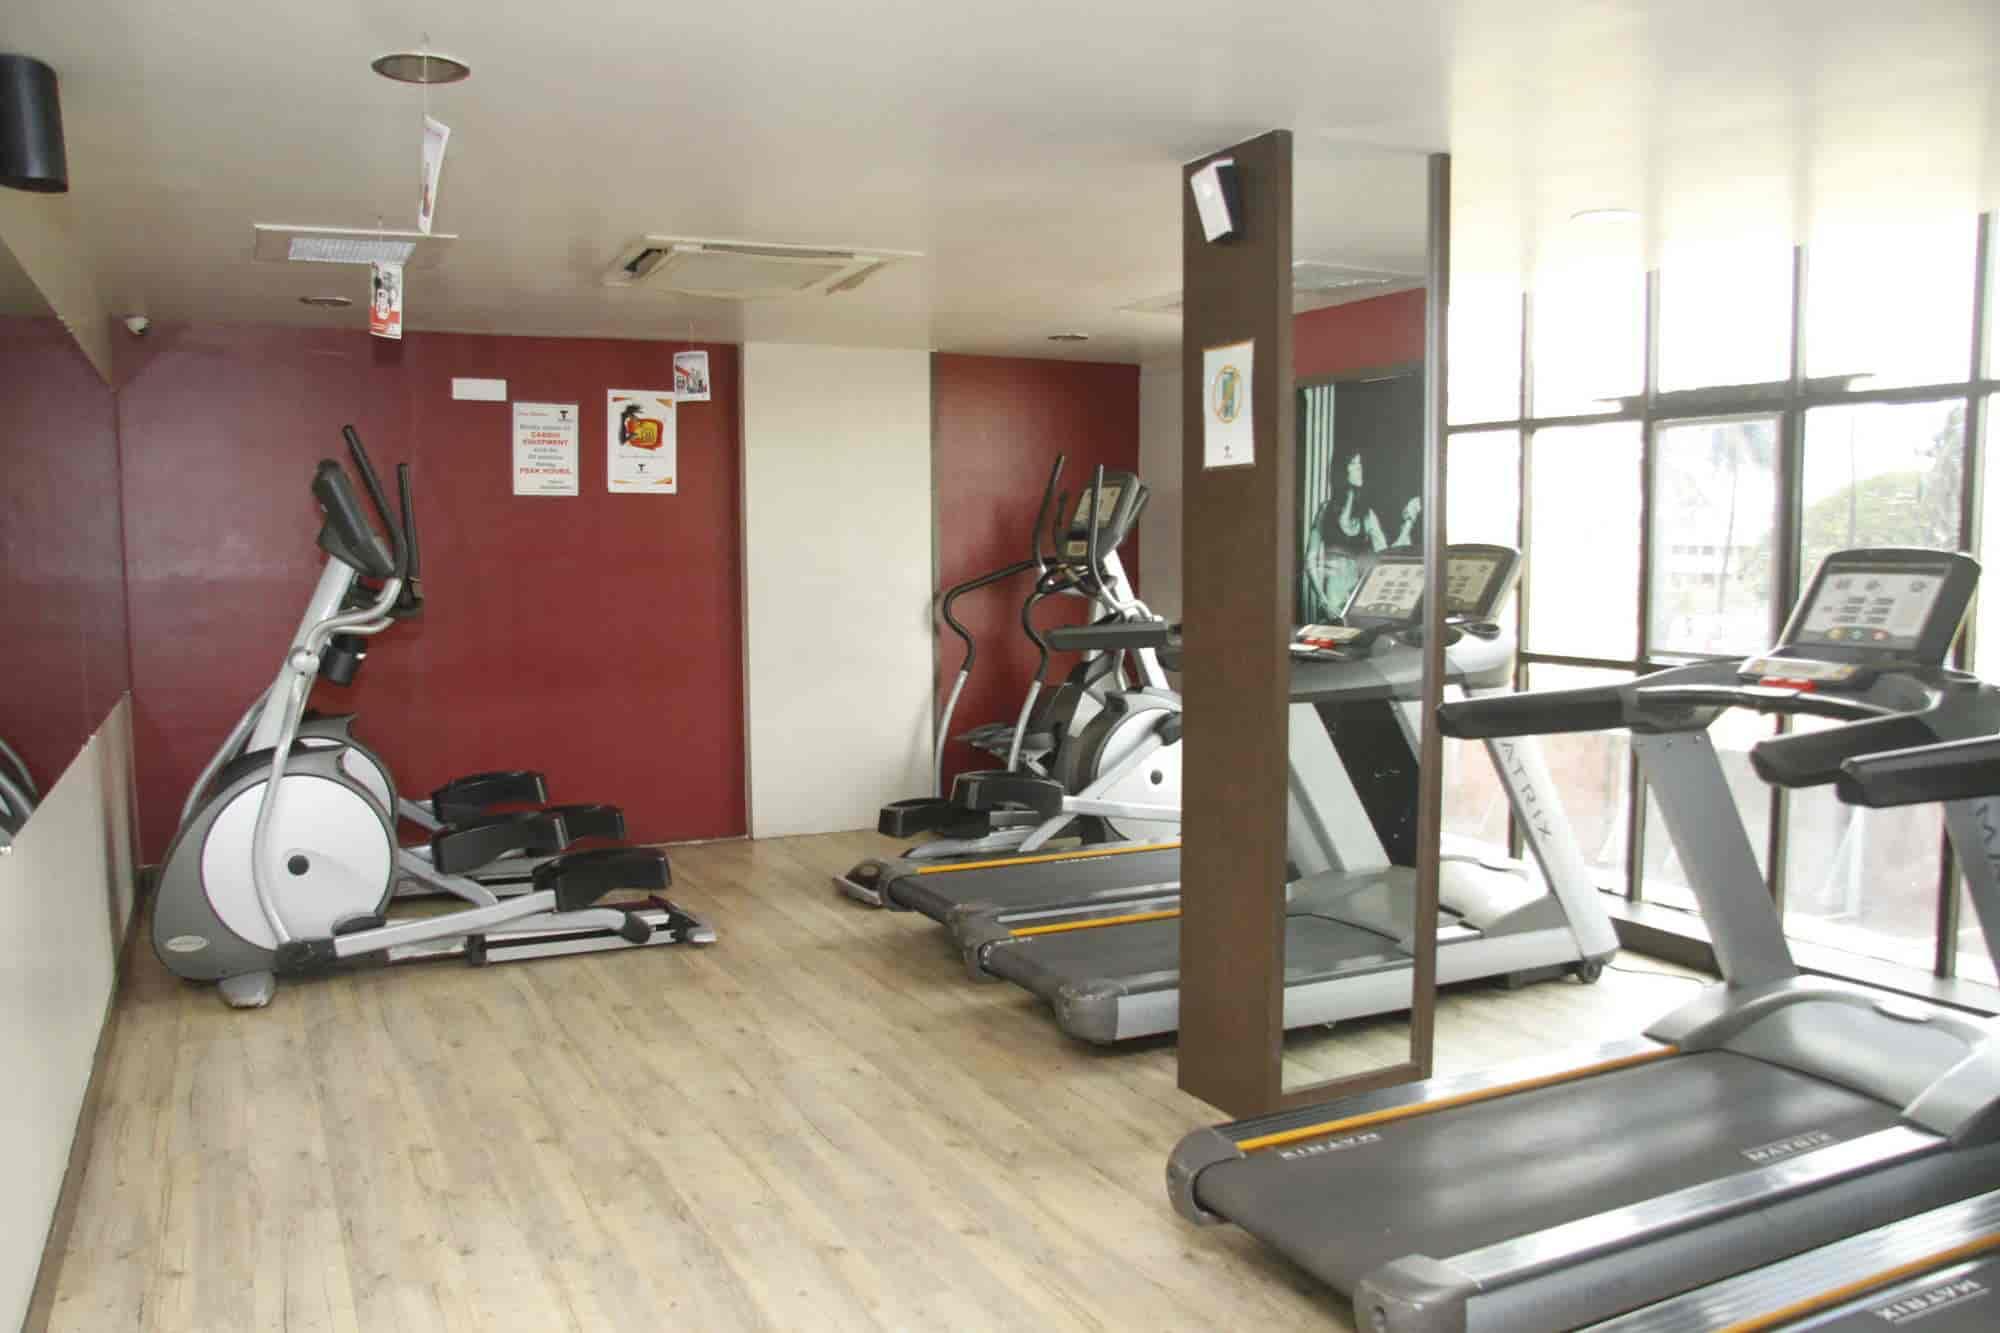 Pierdere în greutate ronda byrne